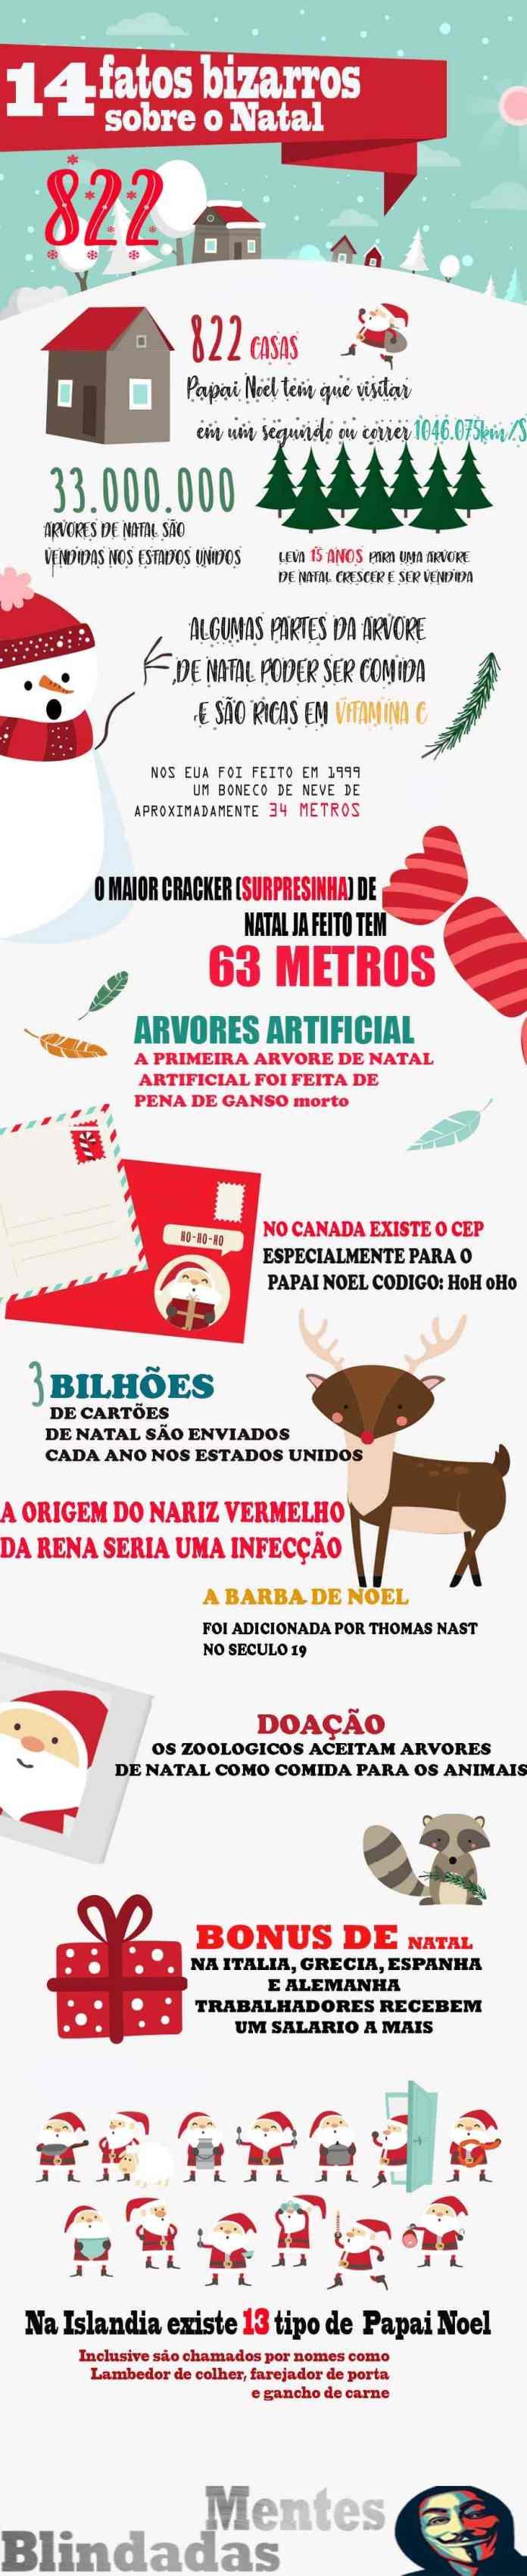 os 14 fatos bizarros sobre o Natal, infografico do blog mentes blindadas sobre as curiosidades do natal e fatos interessantes em imagem jpg